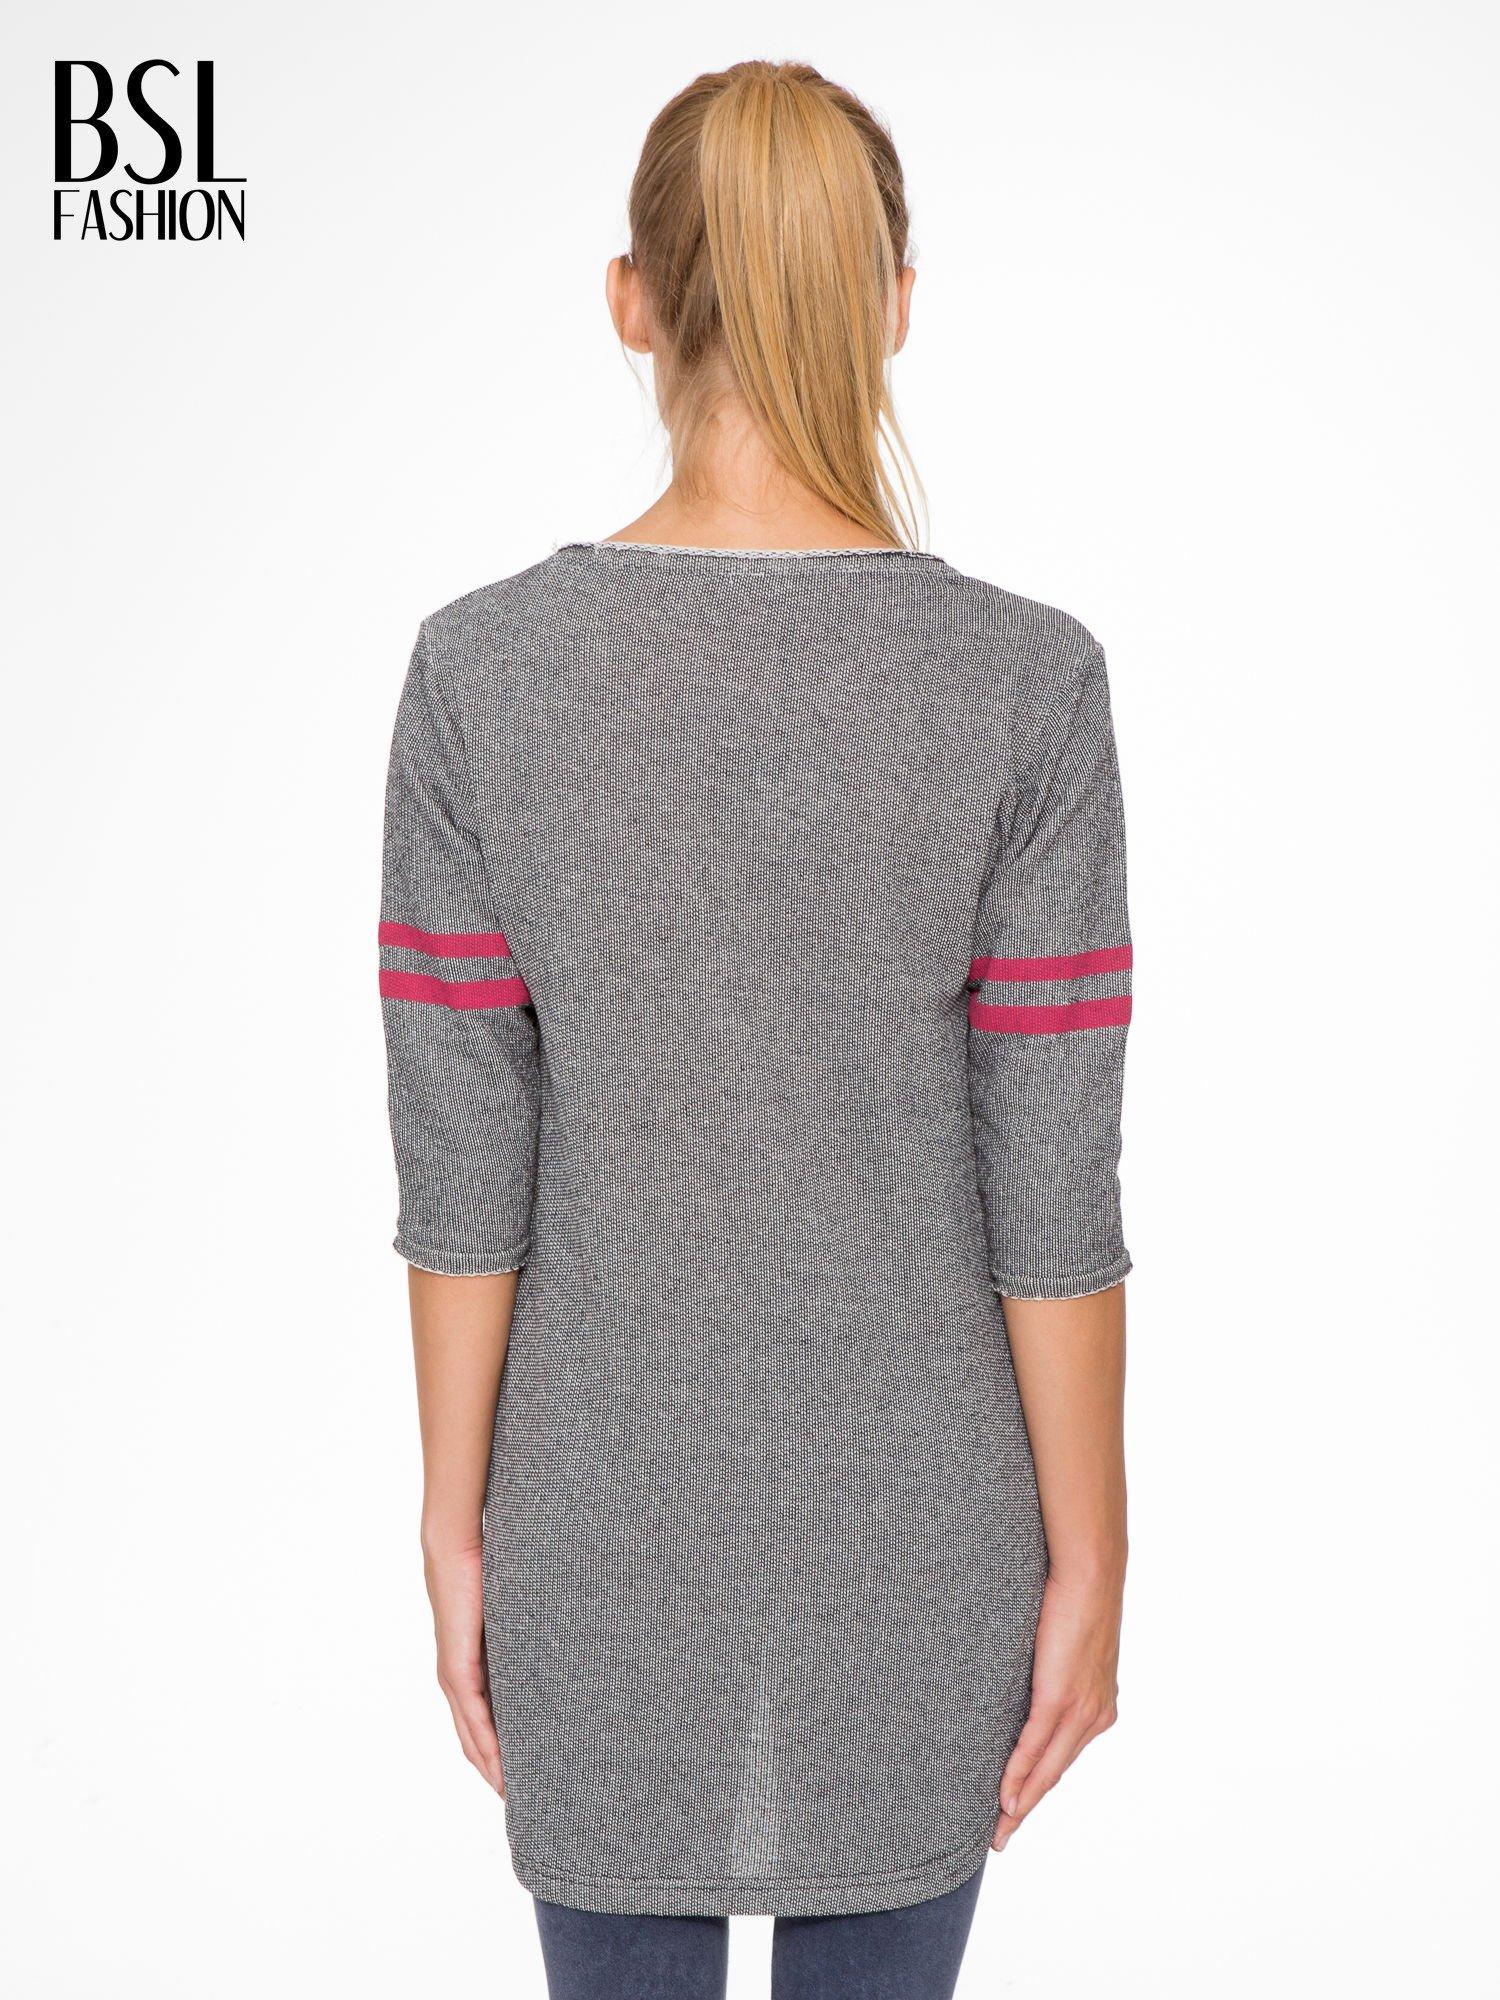 Szara bluza z numerkiem w stylu baseballowym                                  zdj.                                  4